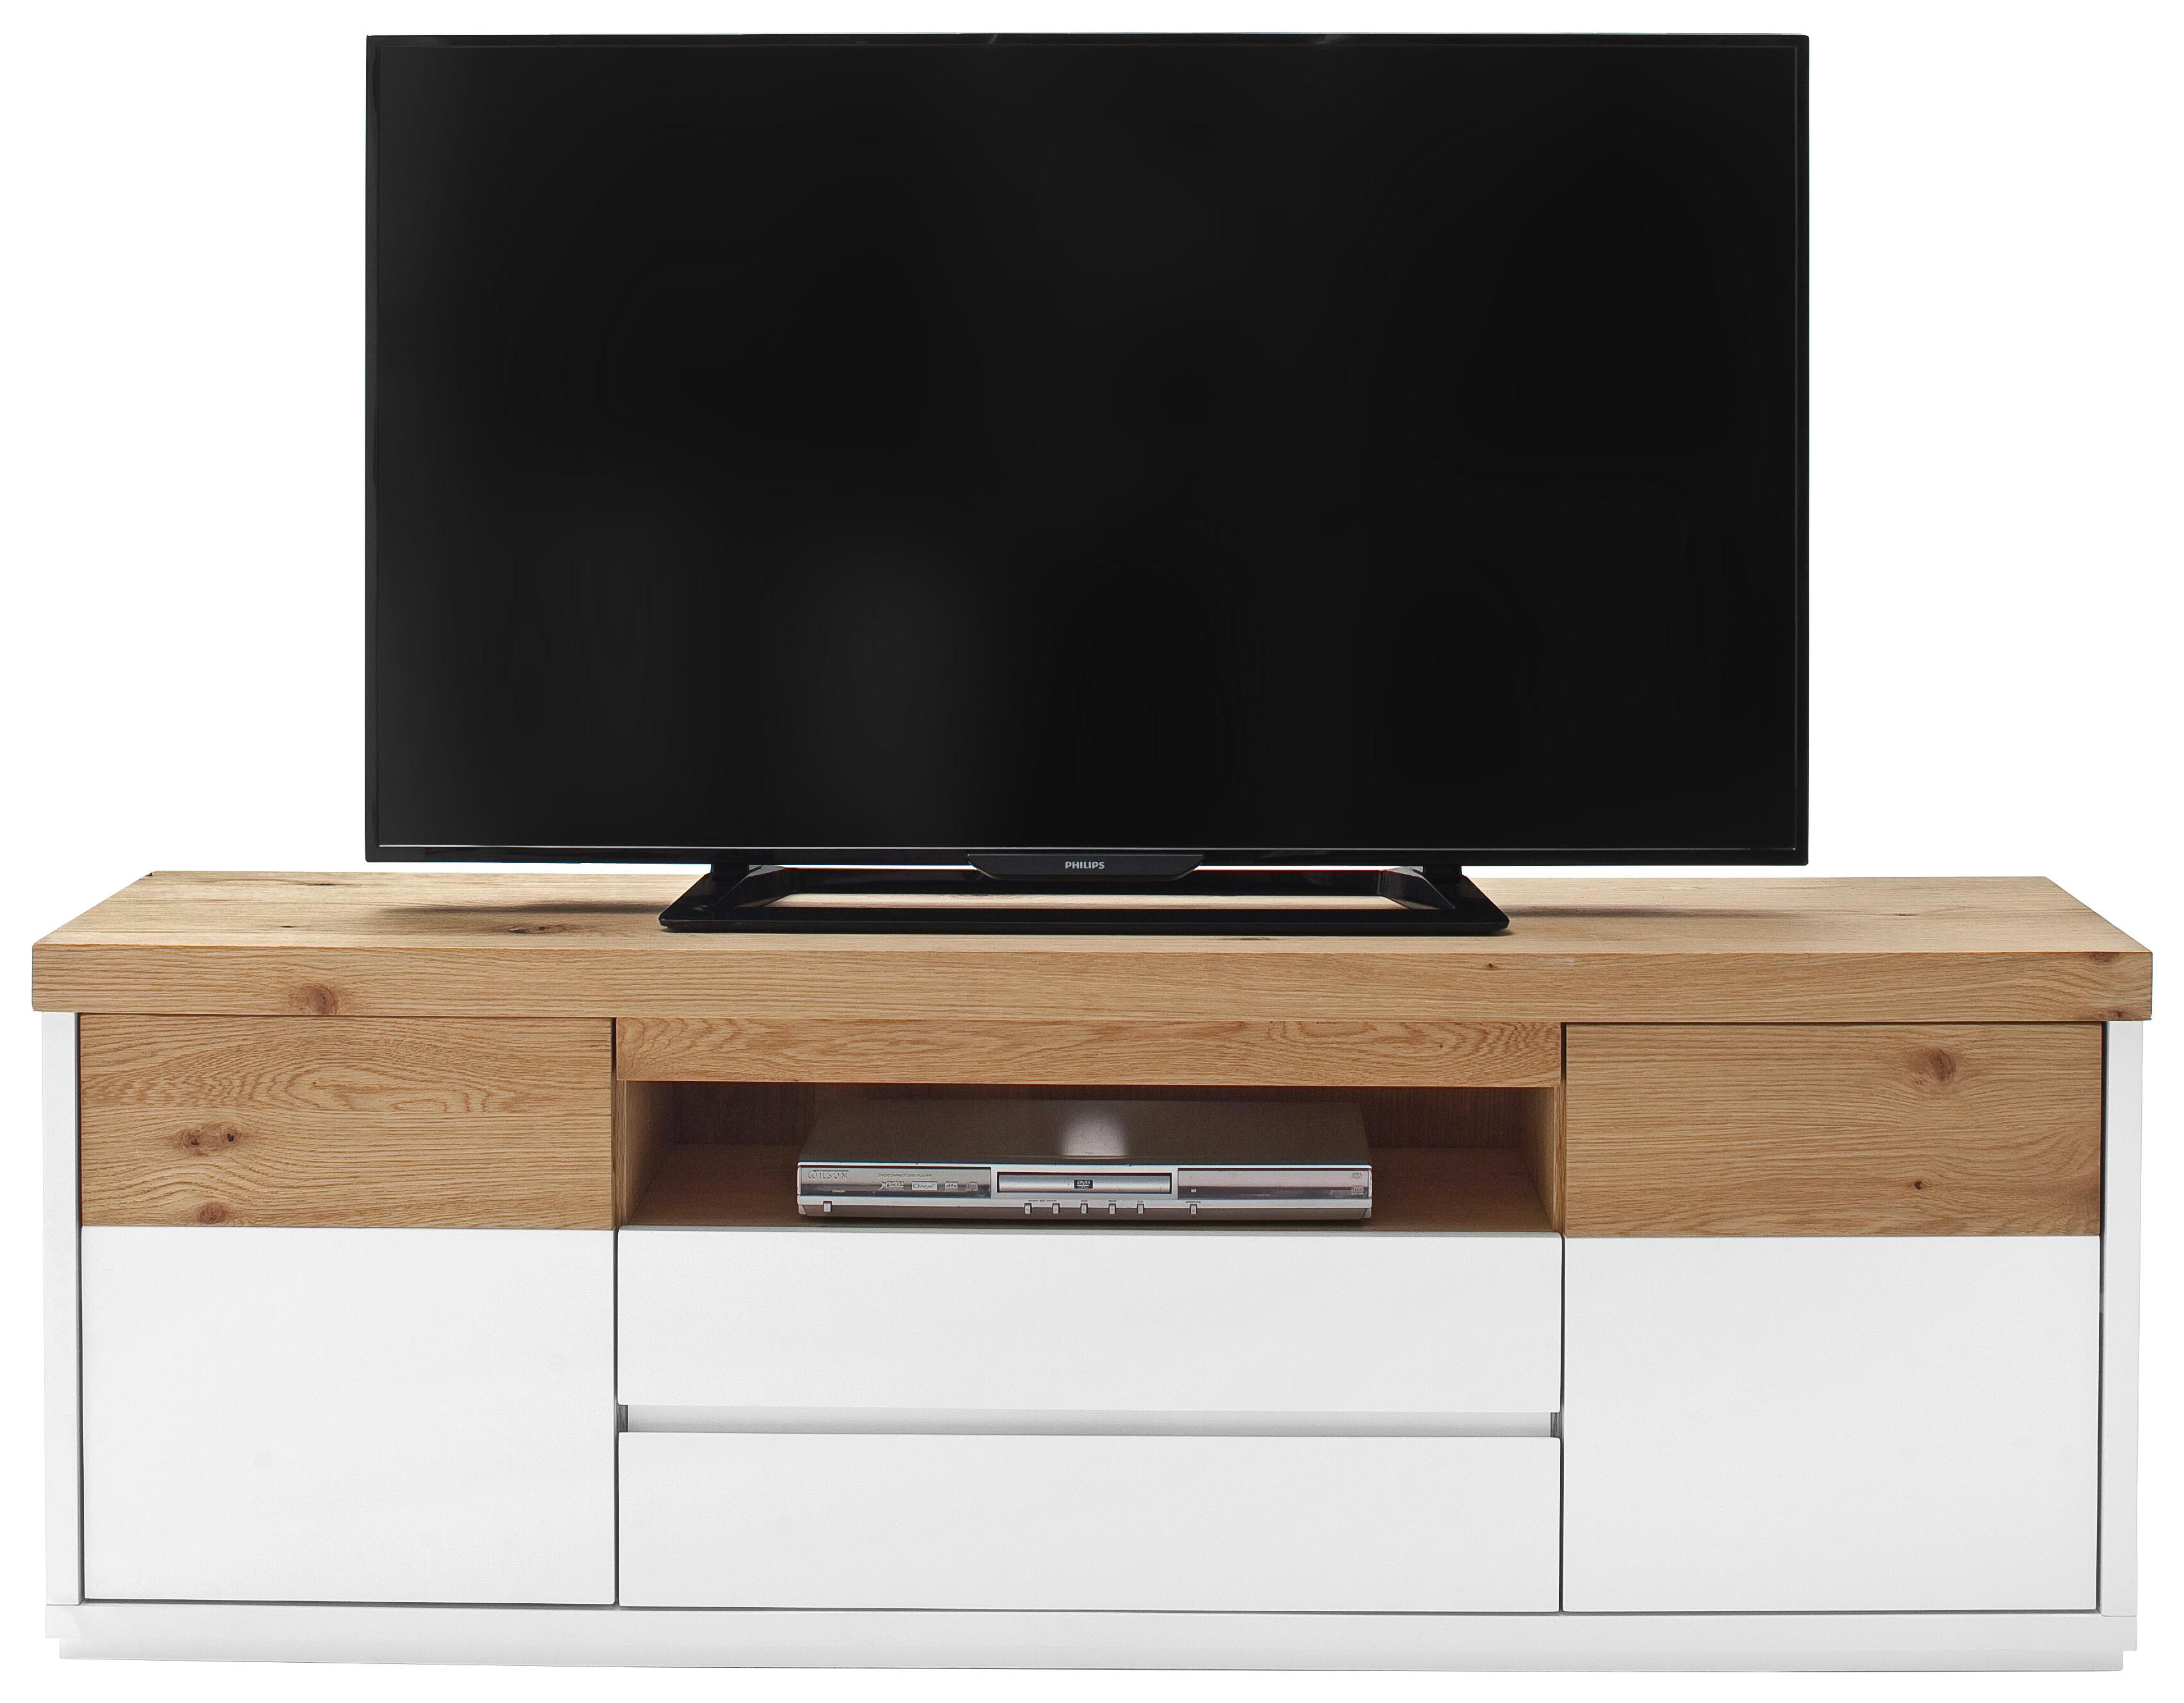 Blickfang Tv Möbel Ecke Sammlung Von